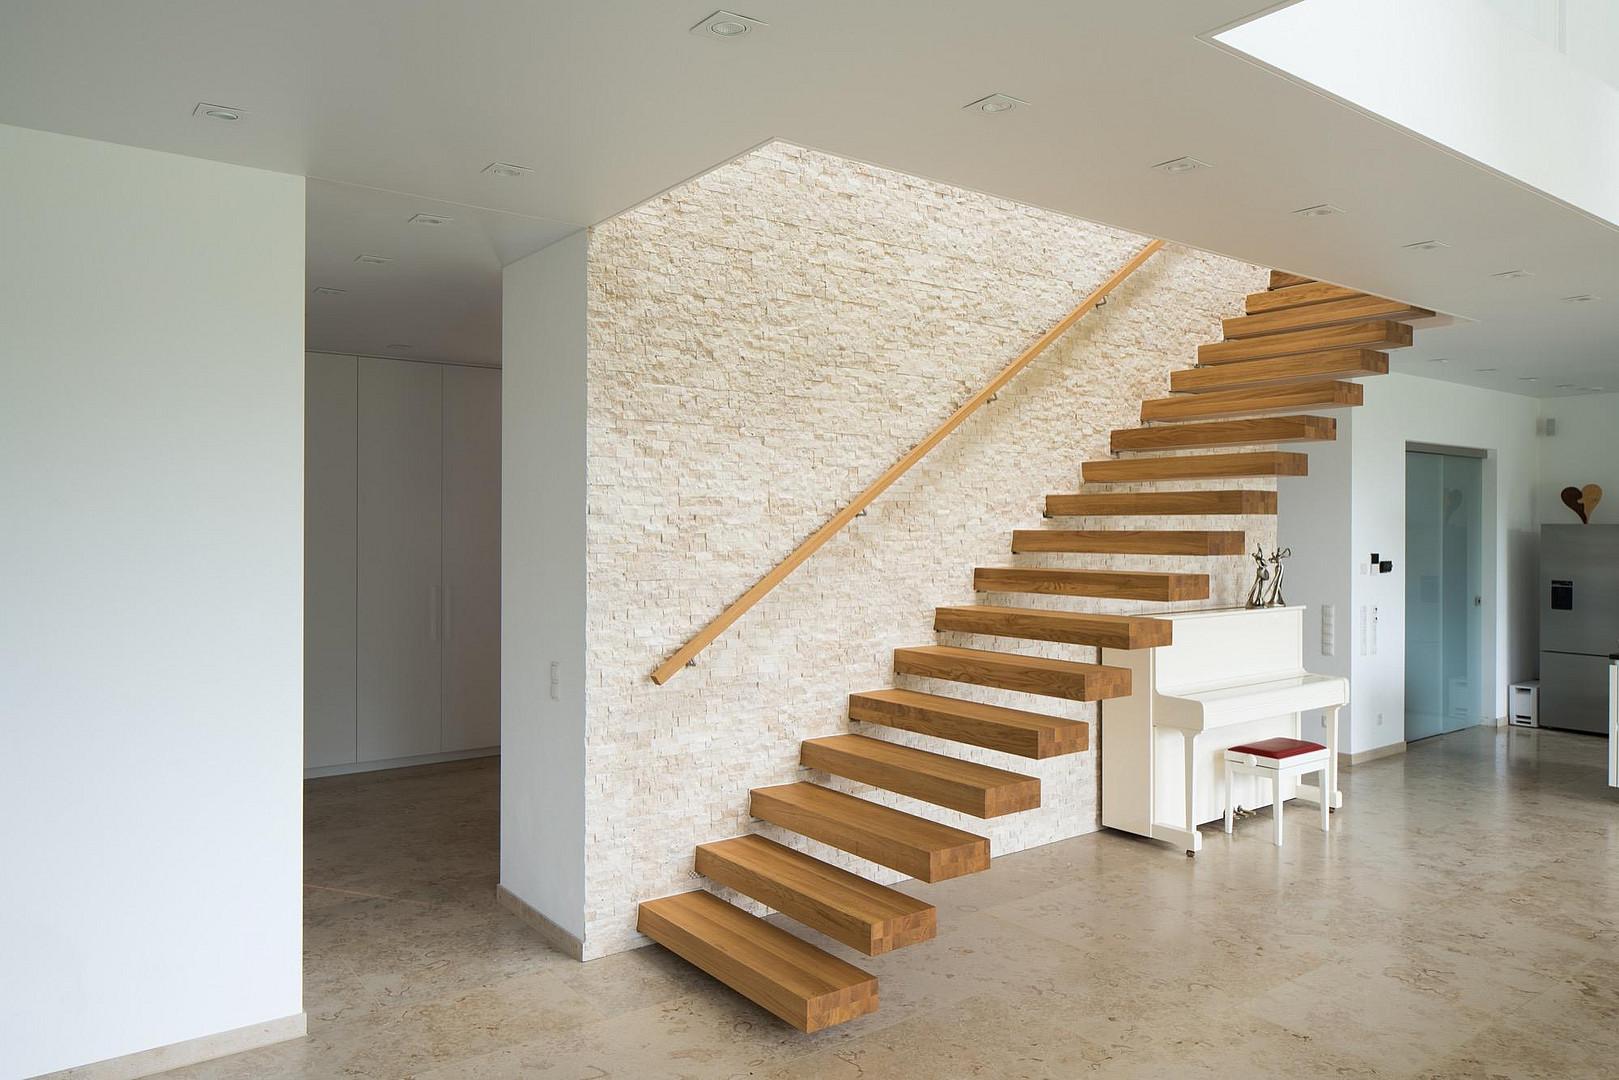 Wunderbar Schwebende Treppe Dekoration Von Schwebende-stufen-moderne-treppe-kragwerk